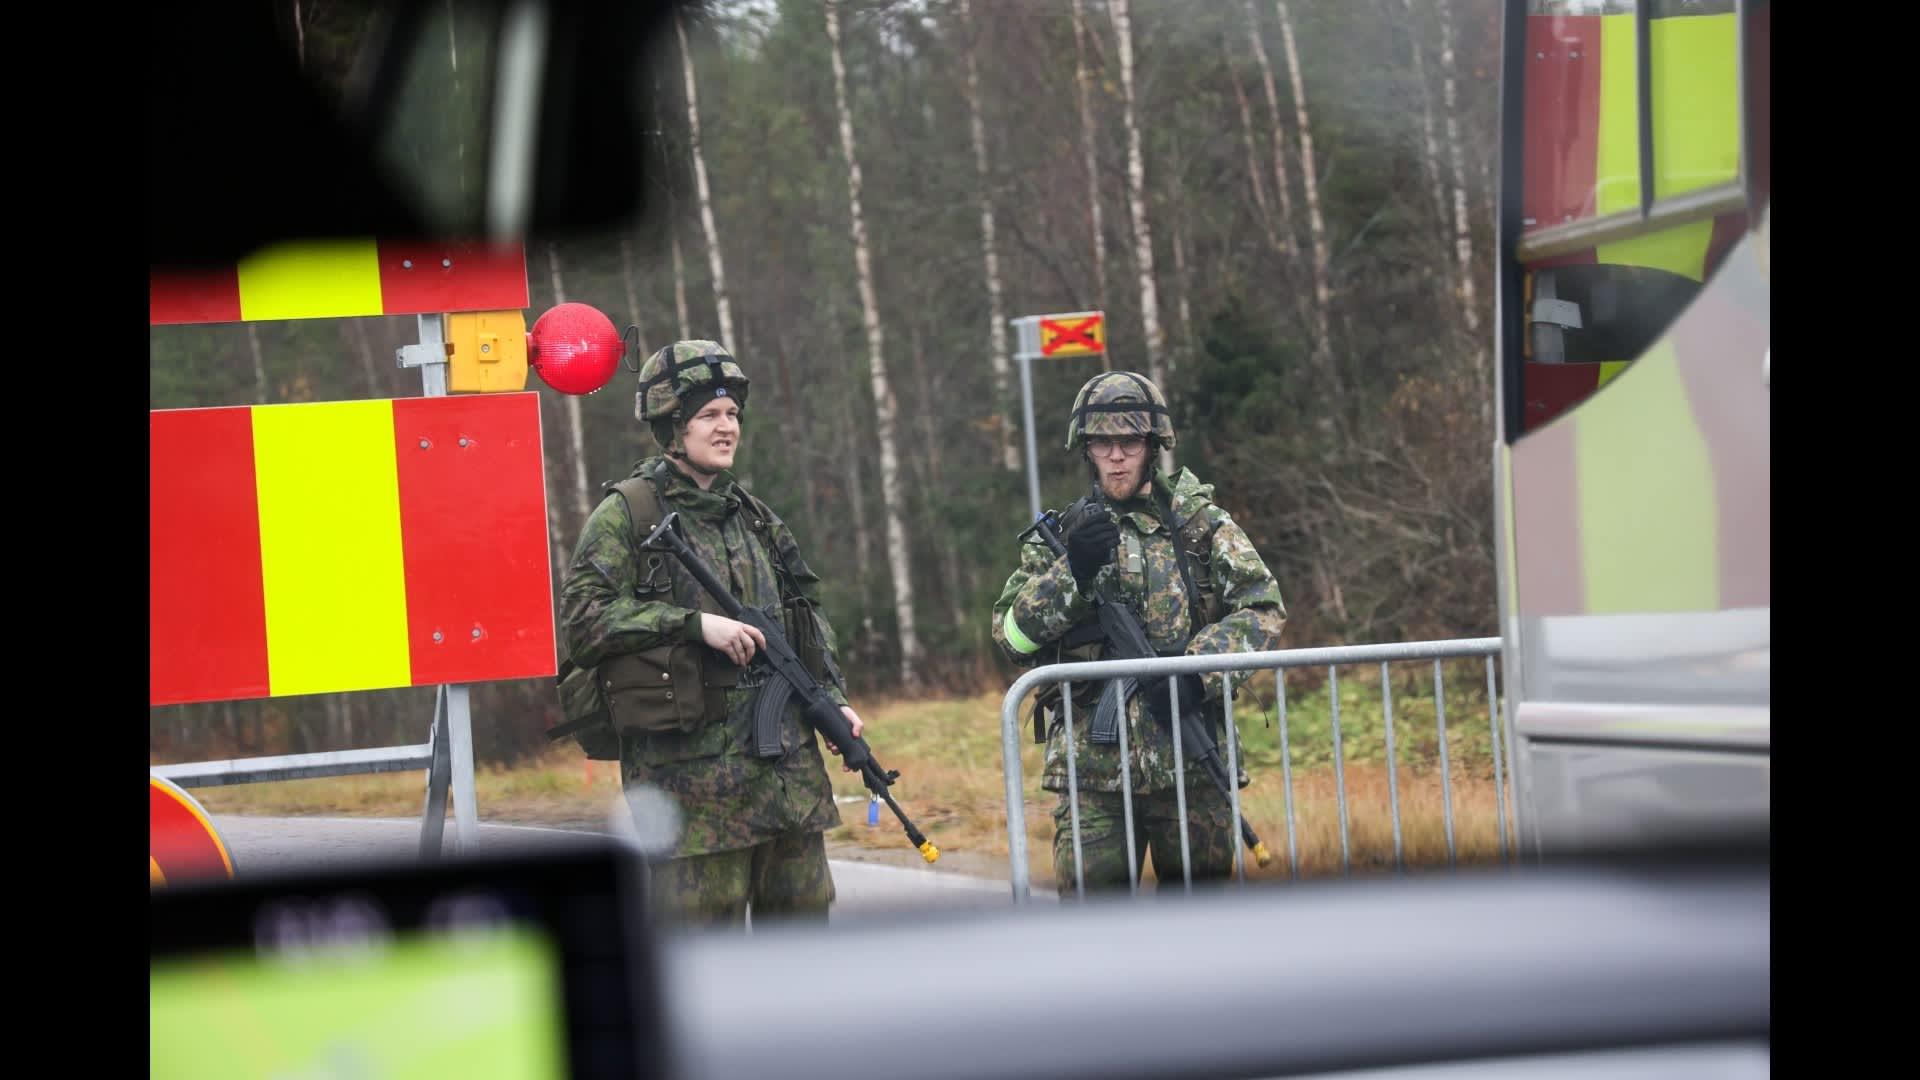 Ilmavoimien pääsotaharjoitus näkyy ja kuuluu Itä-Suomessa